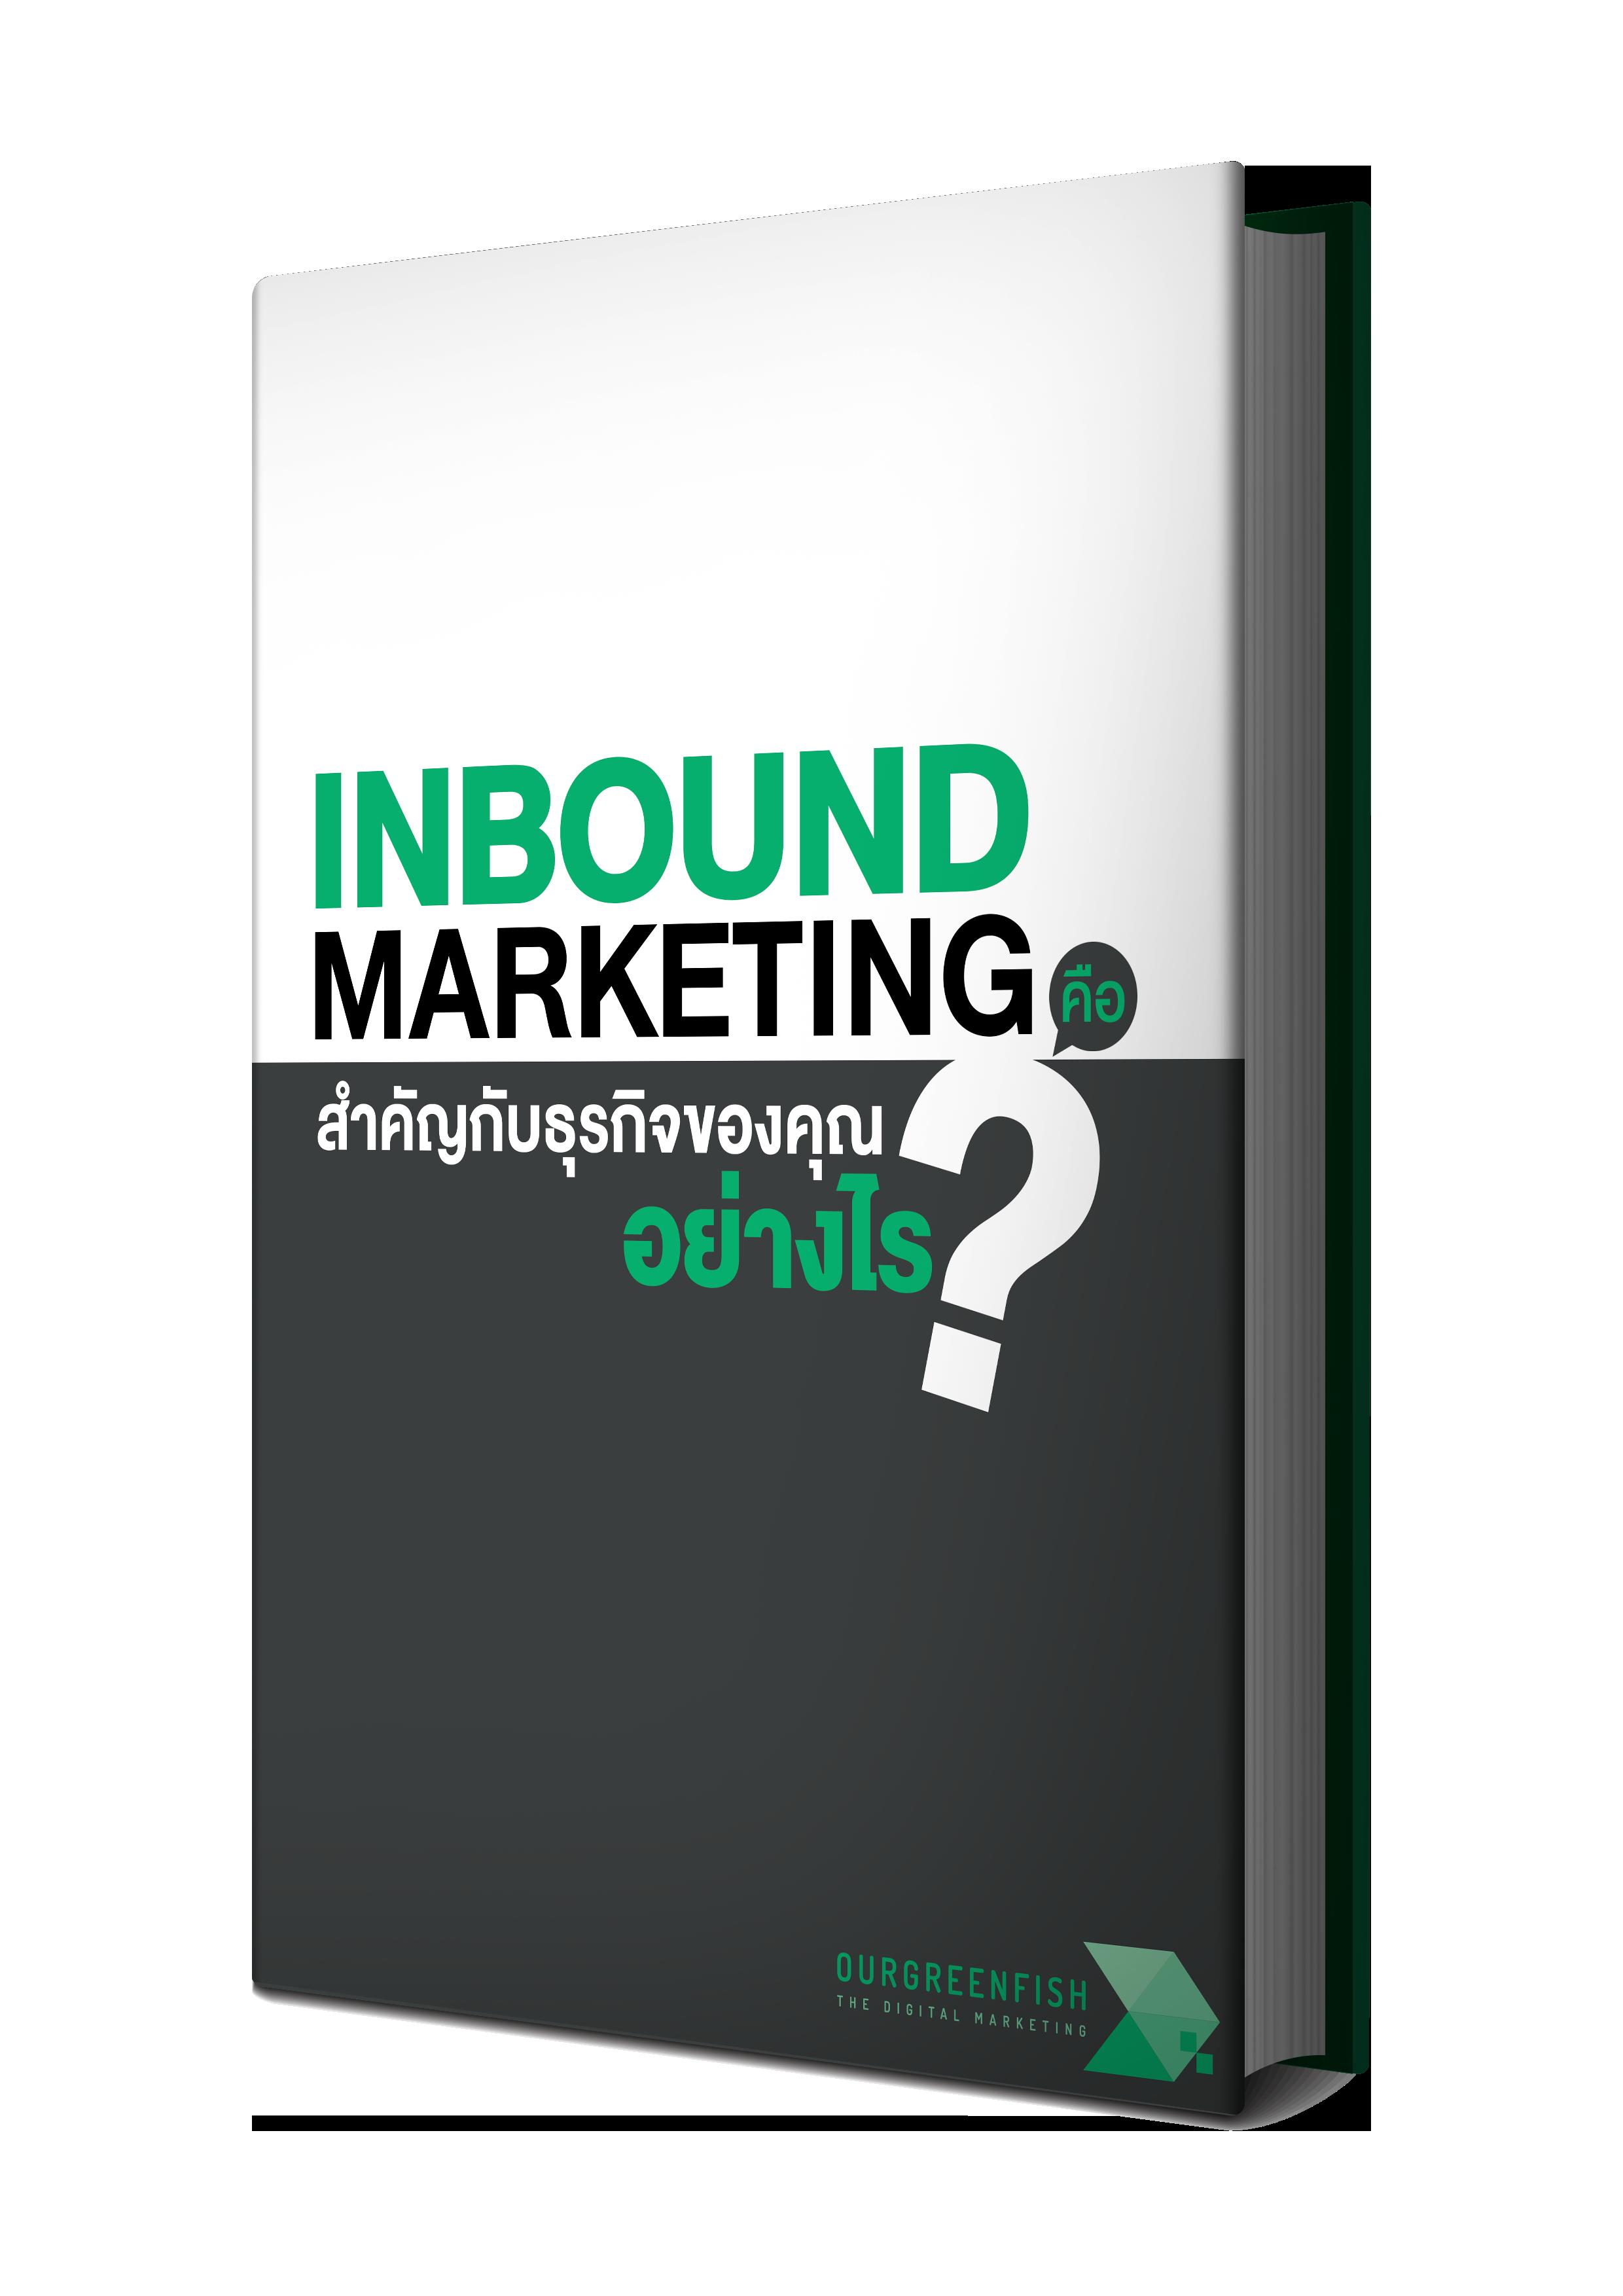 Inbound-Marketing-สำคัญกับธุรกิจของคุณอย่างไร